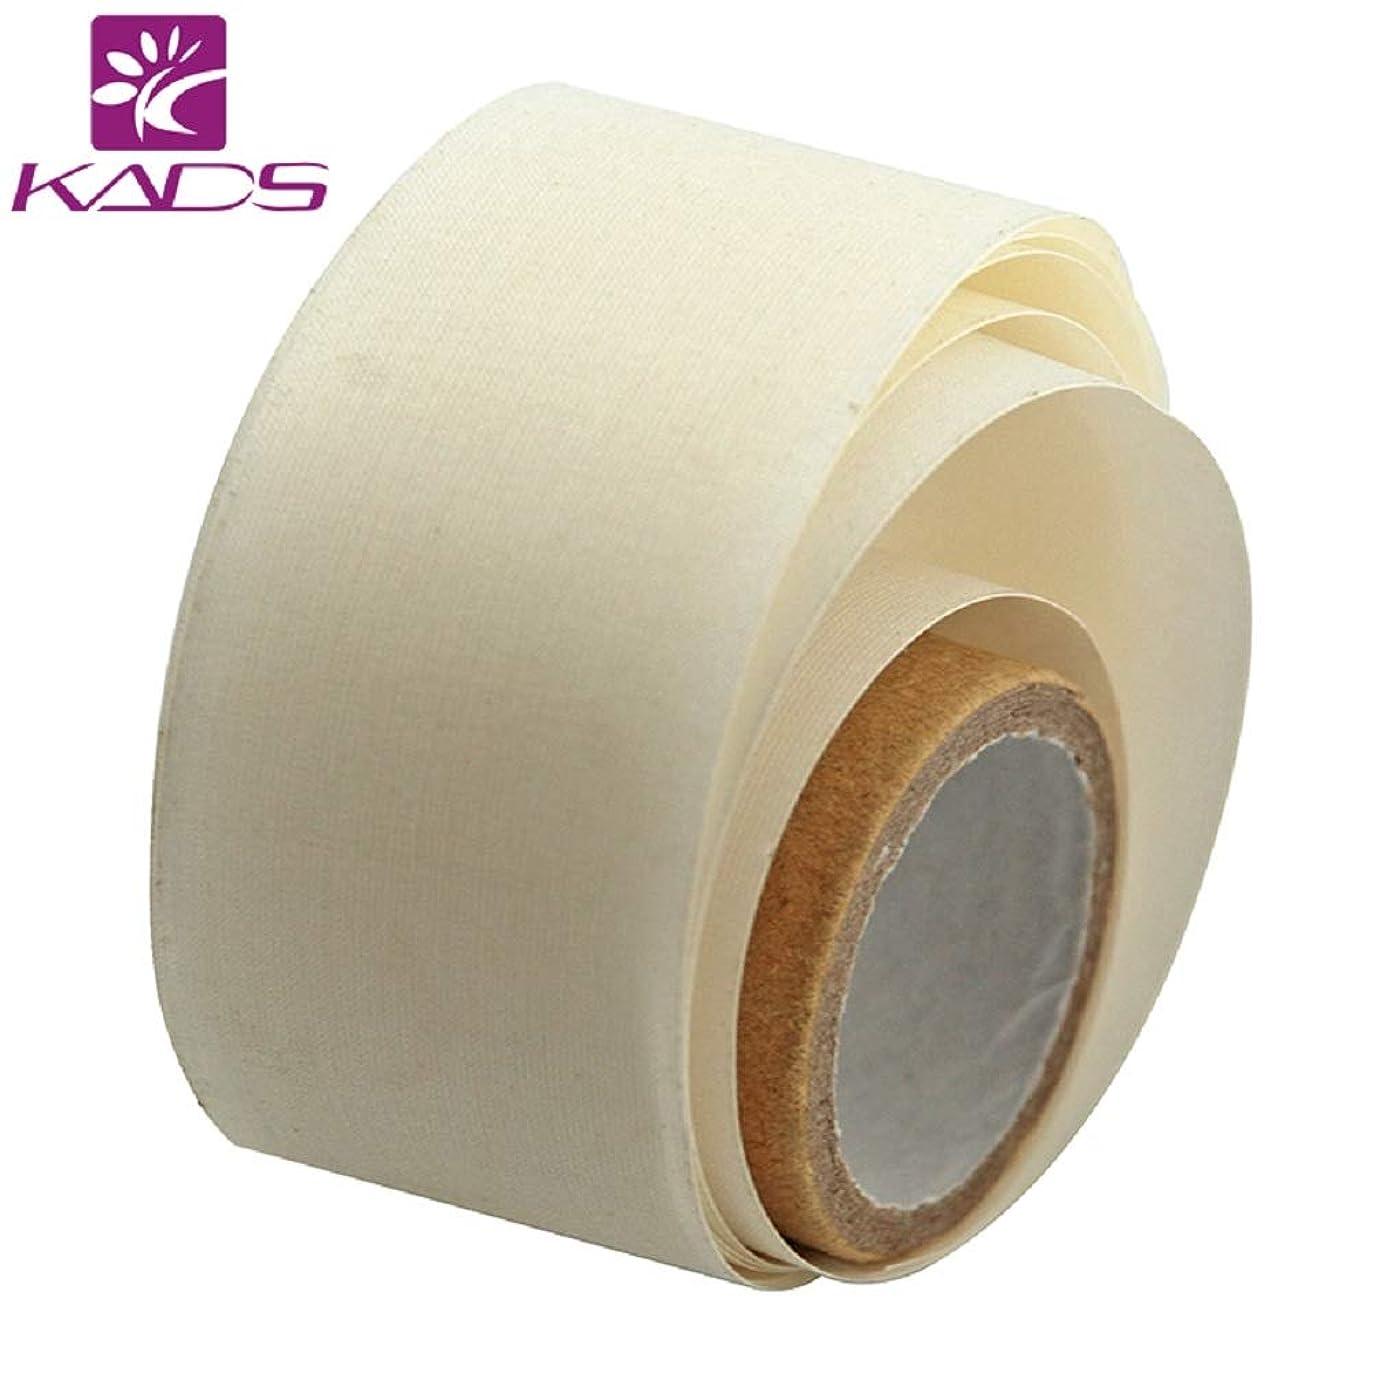 報復する恐怖畝間KADS ネイルシルクテープ ネイルリペアテープペラ用 爪の補修 ジェルアクリルネイルアートツール